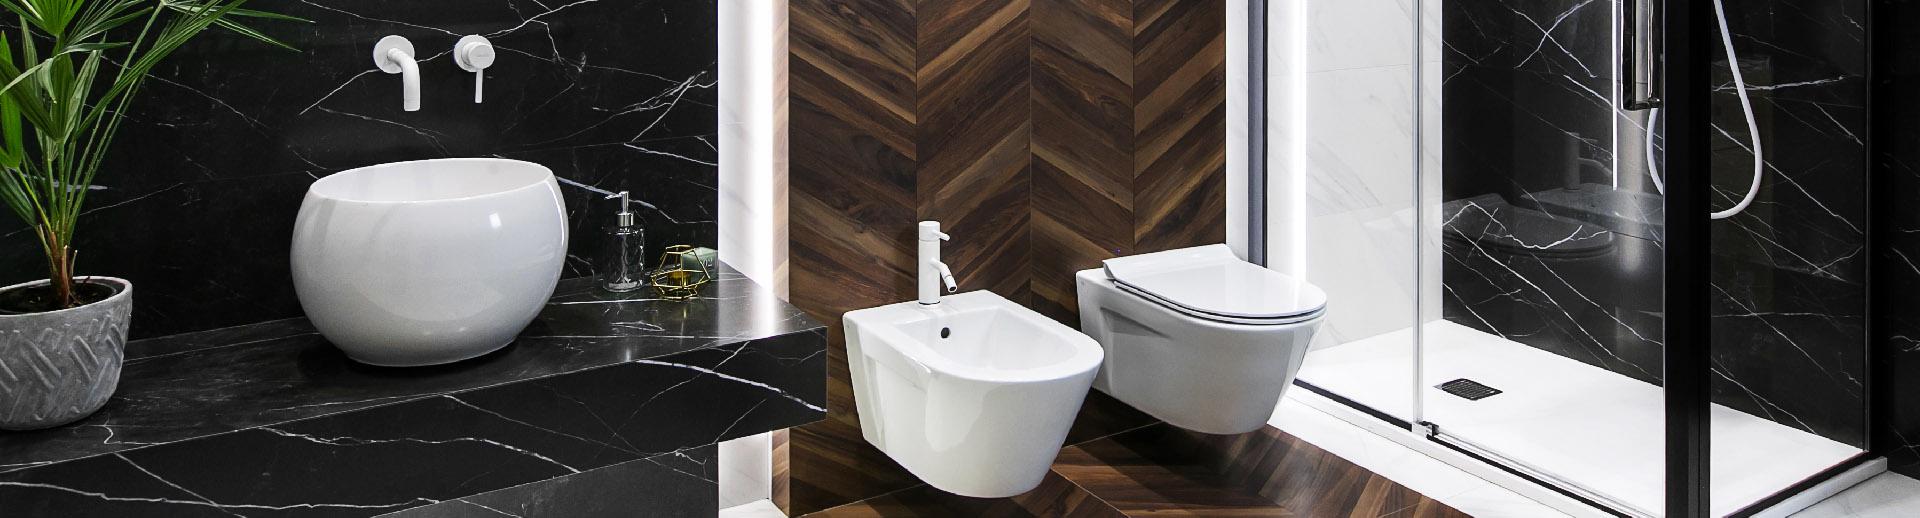 Drewno I Marmur Czyli łazienka W Nowoczesnym Wydaniu